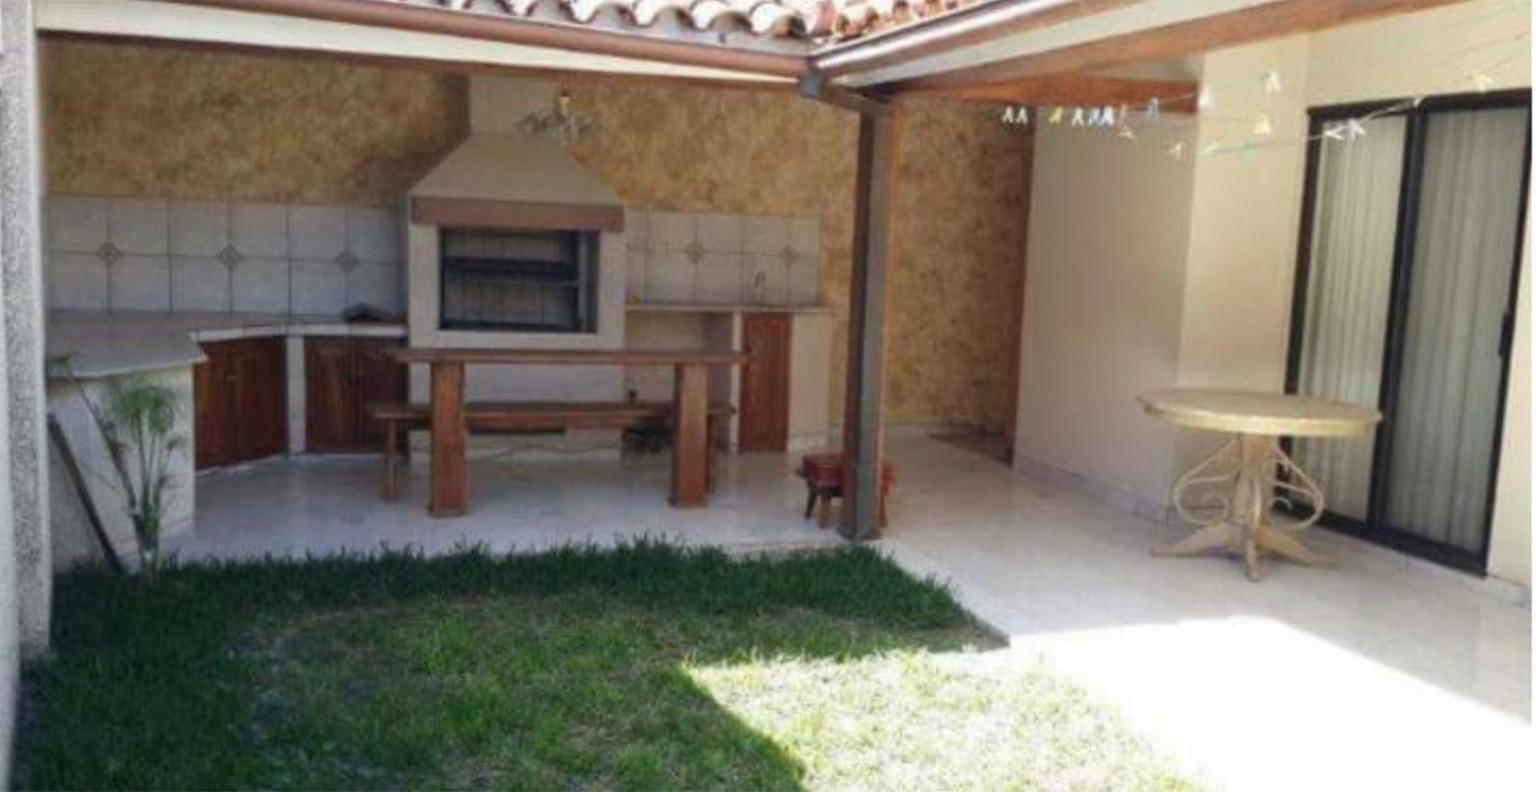 Casa en Alquiler COND LOS BOSQUES ENTRE 4TO  Y 5TO ANILLO RADIAL 26, CASA EN ALQUILER Foto 8